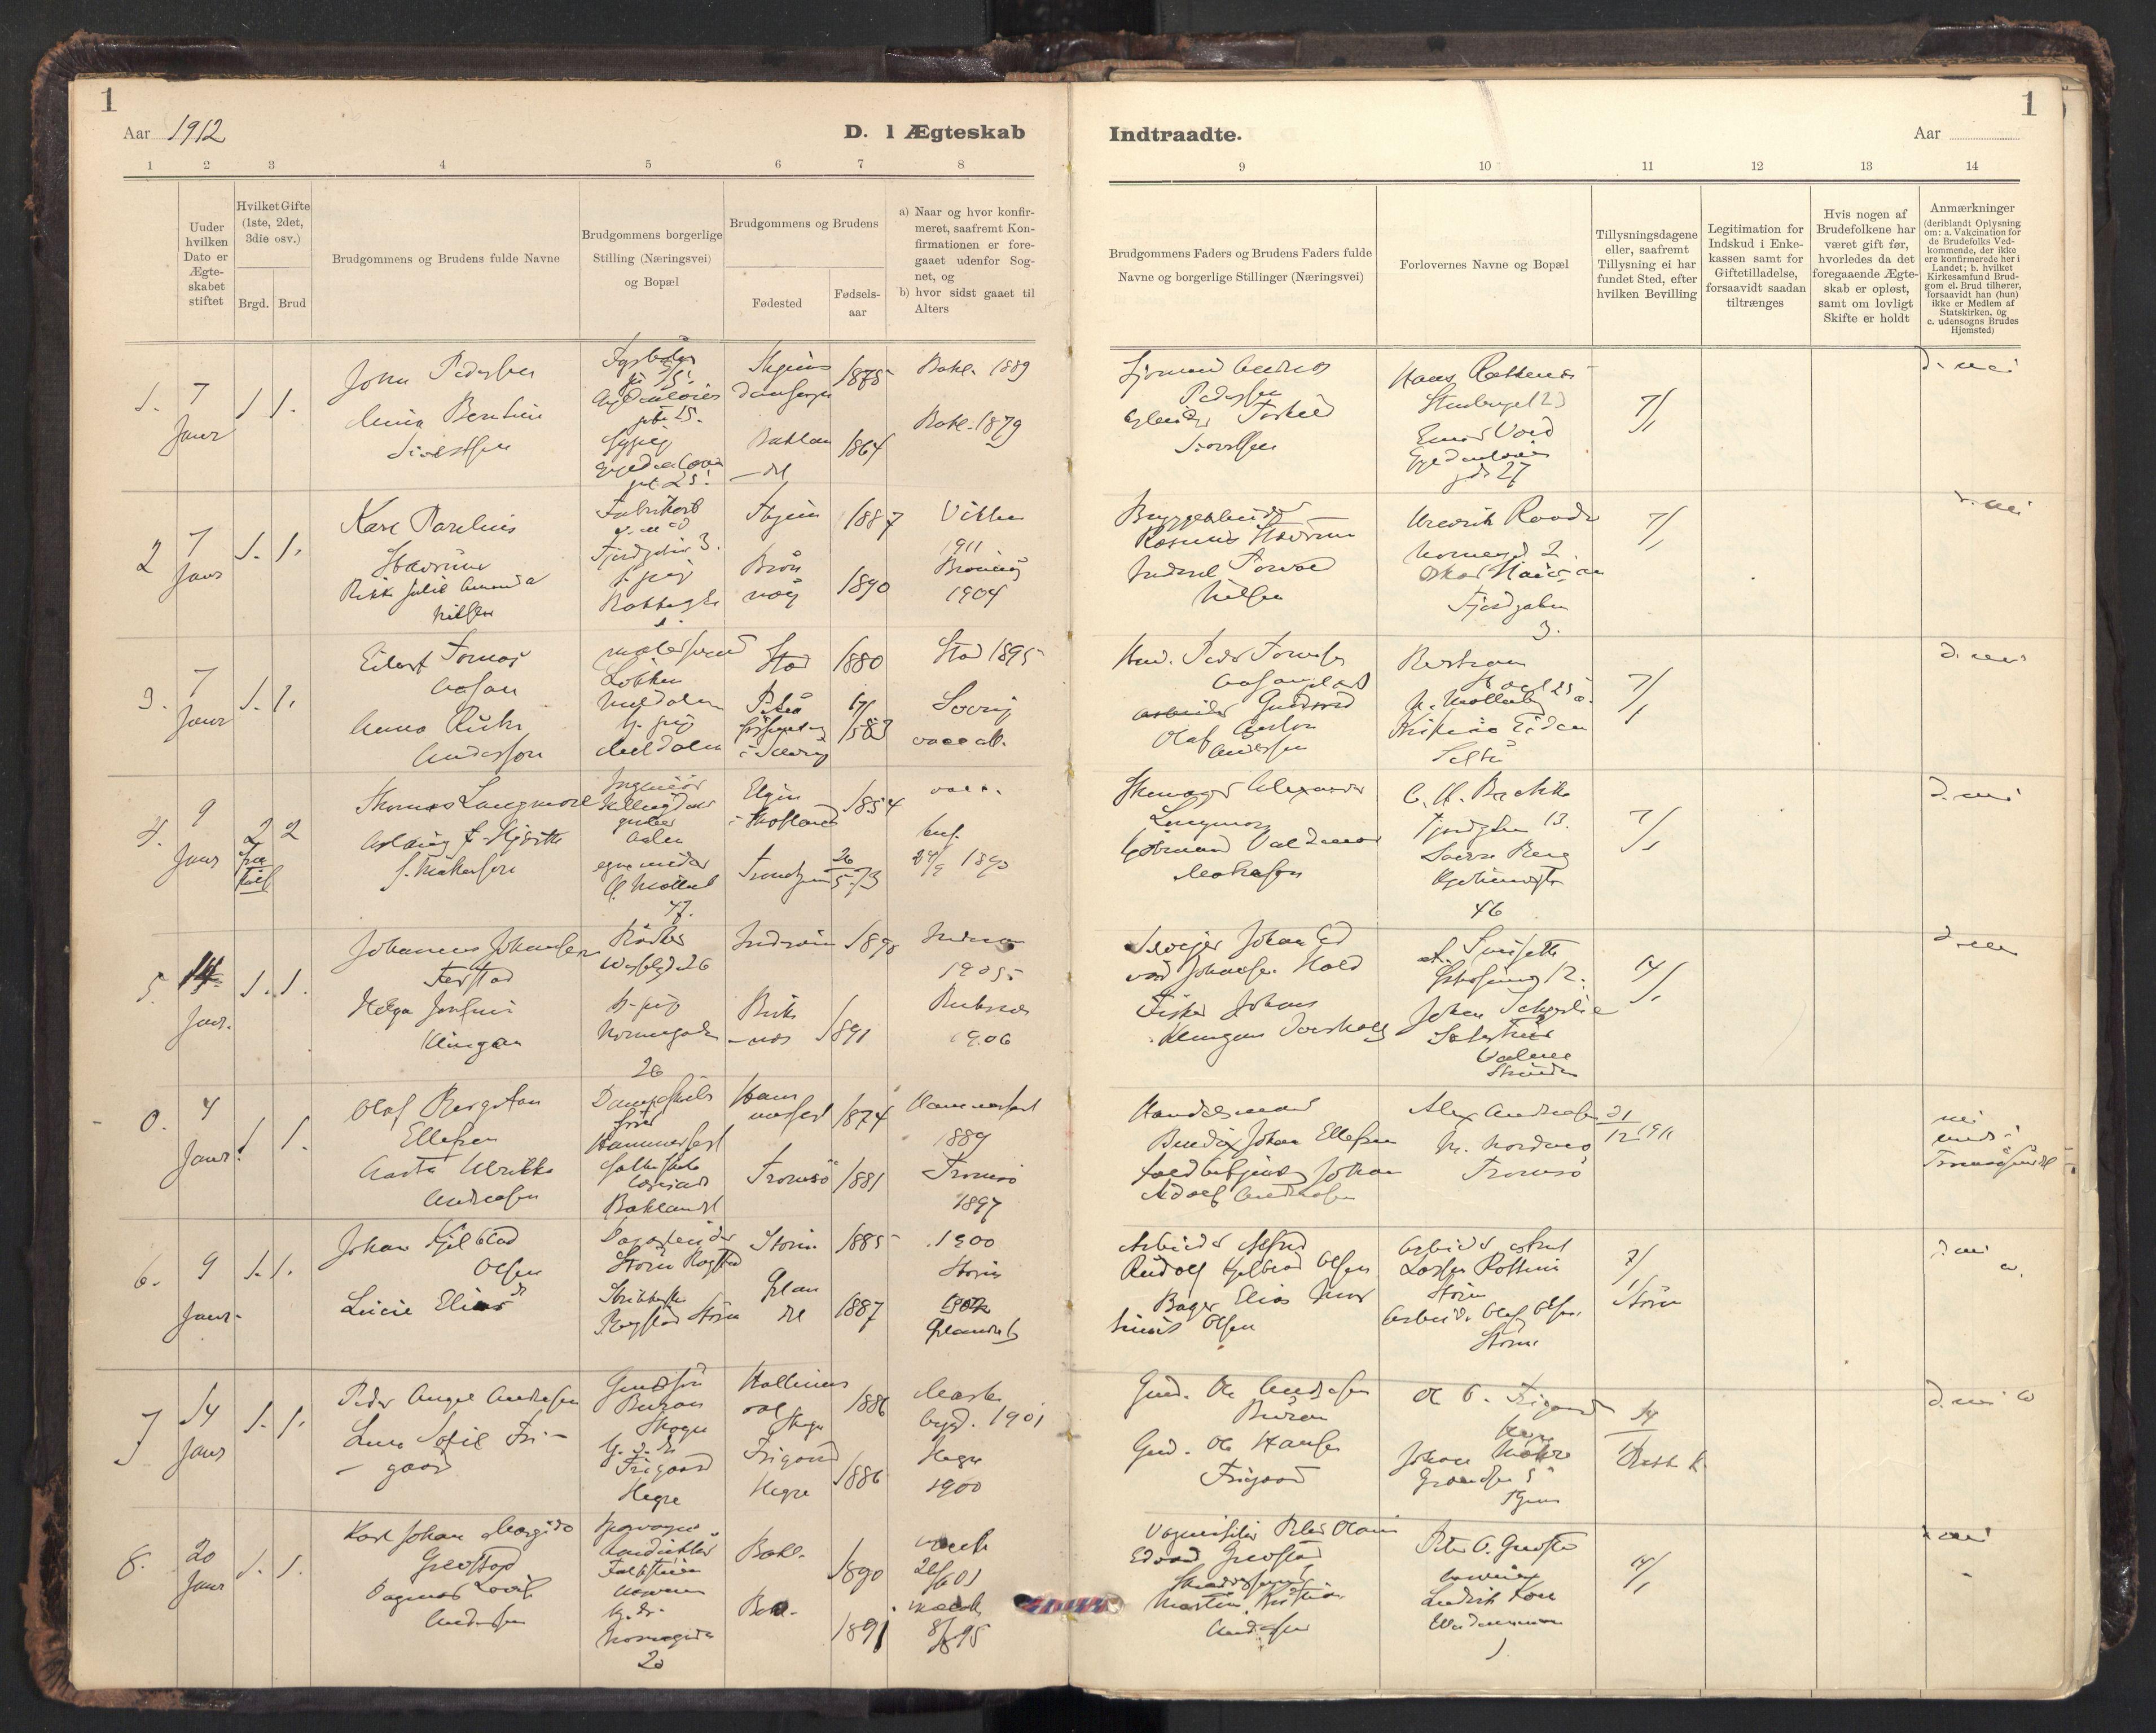 SAT, Ministerialprotokoller, klokkerbøker og fødselsregistre - Sør-Trøndelag, 604/L0204: Ministerialbok nr. 604A24, 1911-1920, s. 1